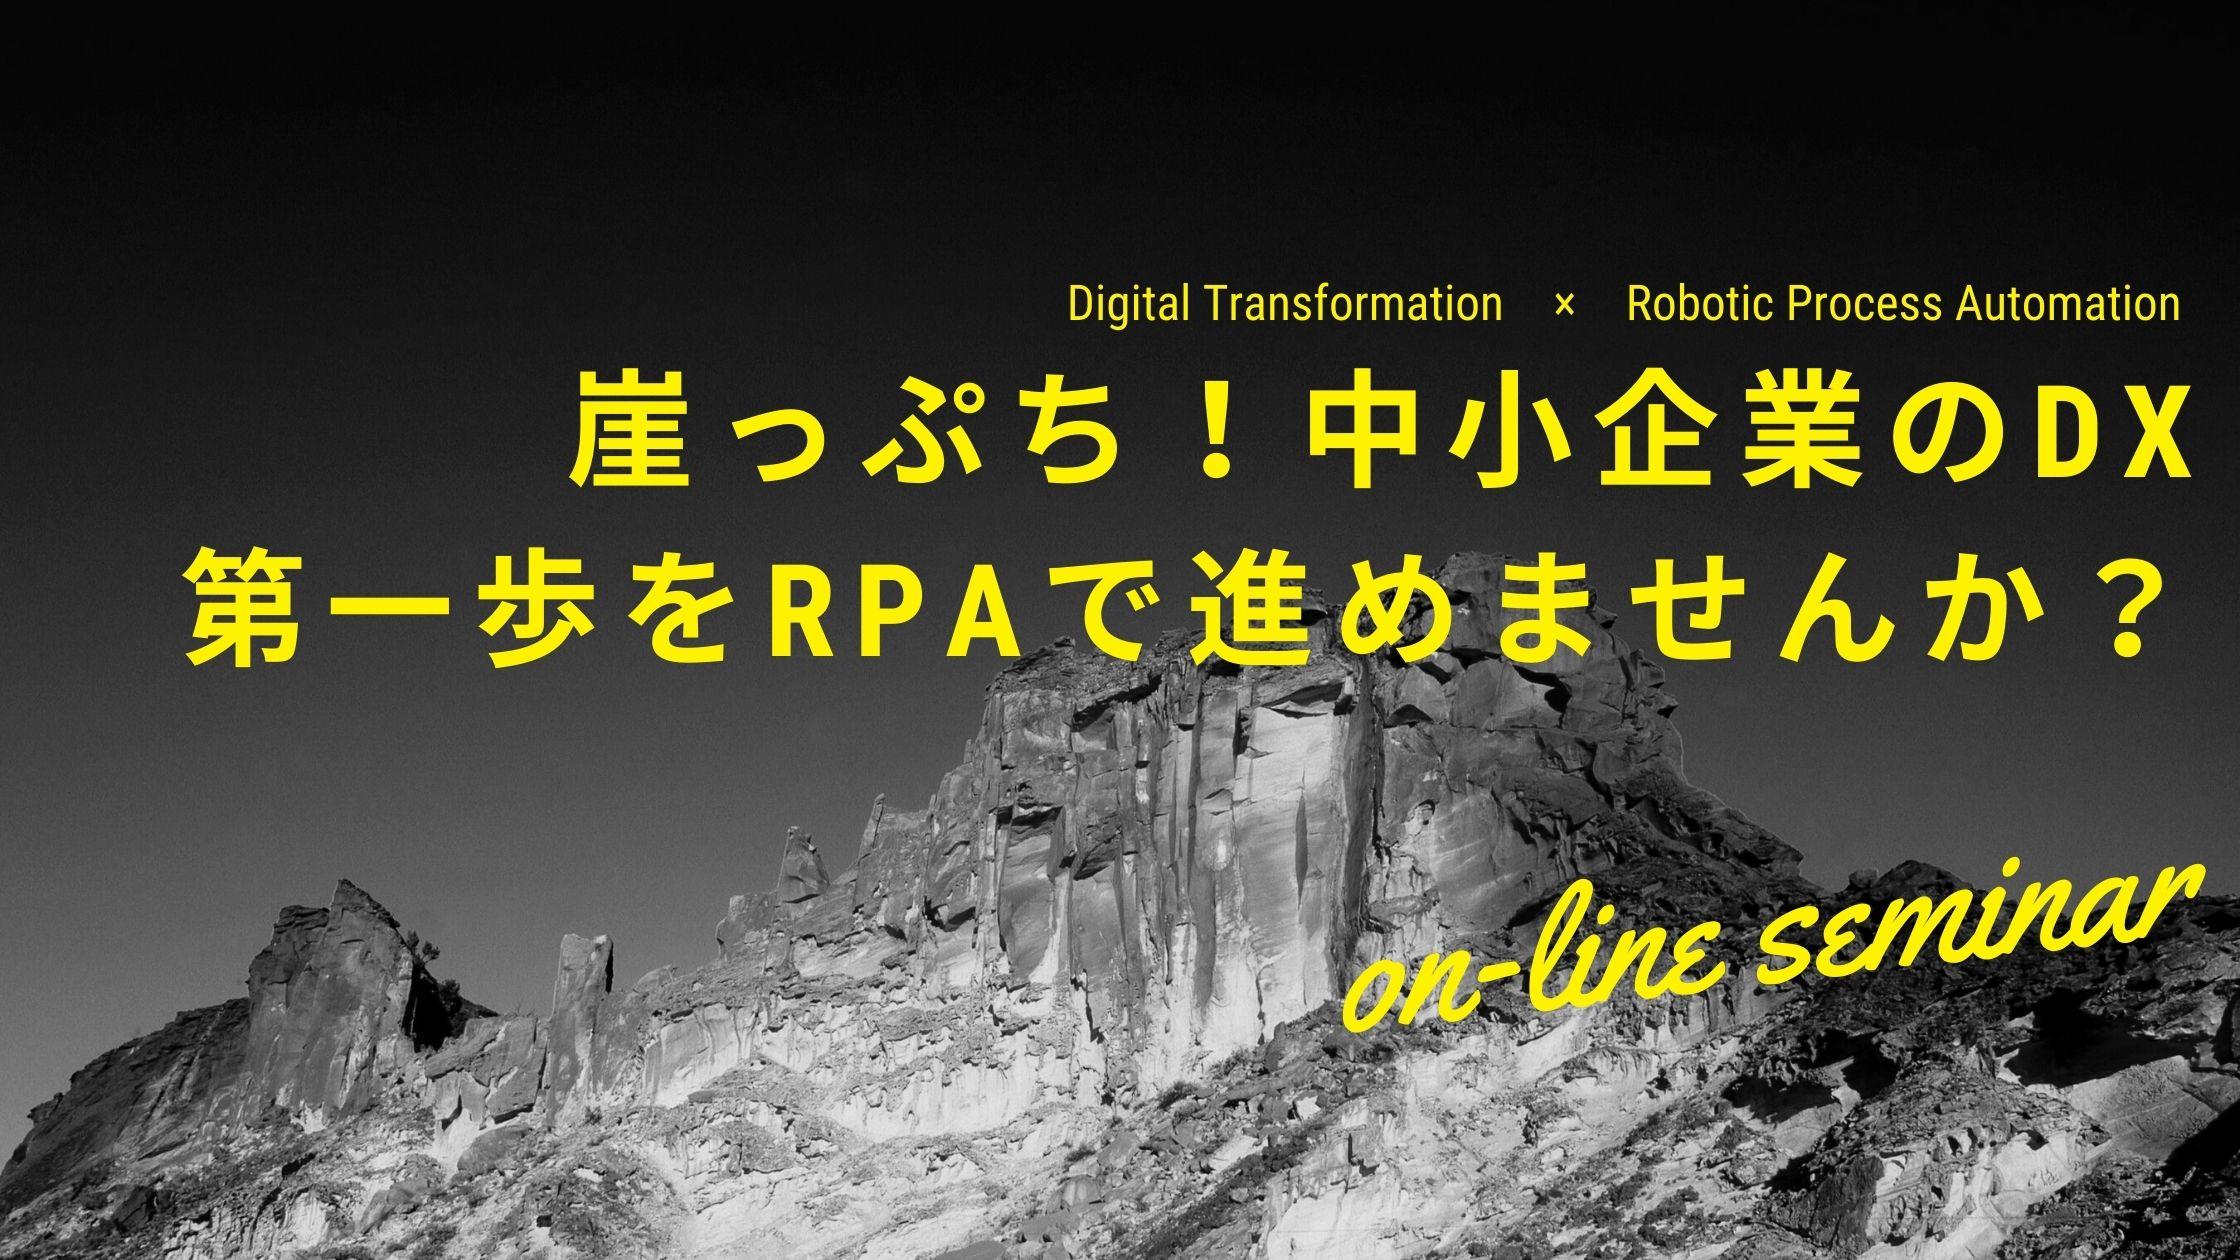 11月11日開催 崖っぷち!中小企業のDX 第一歩をRPAで進めませんか?のサムネイル